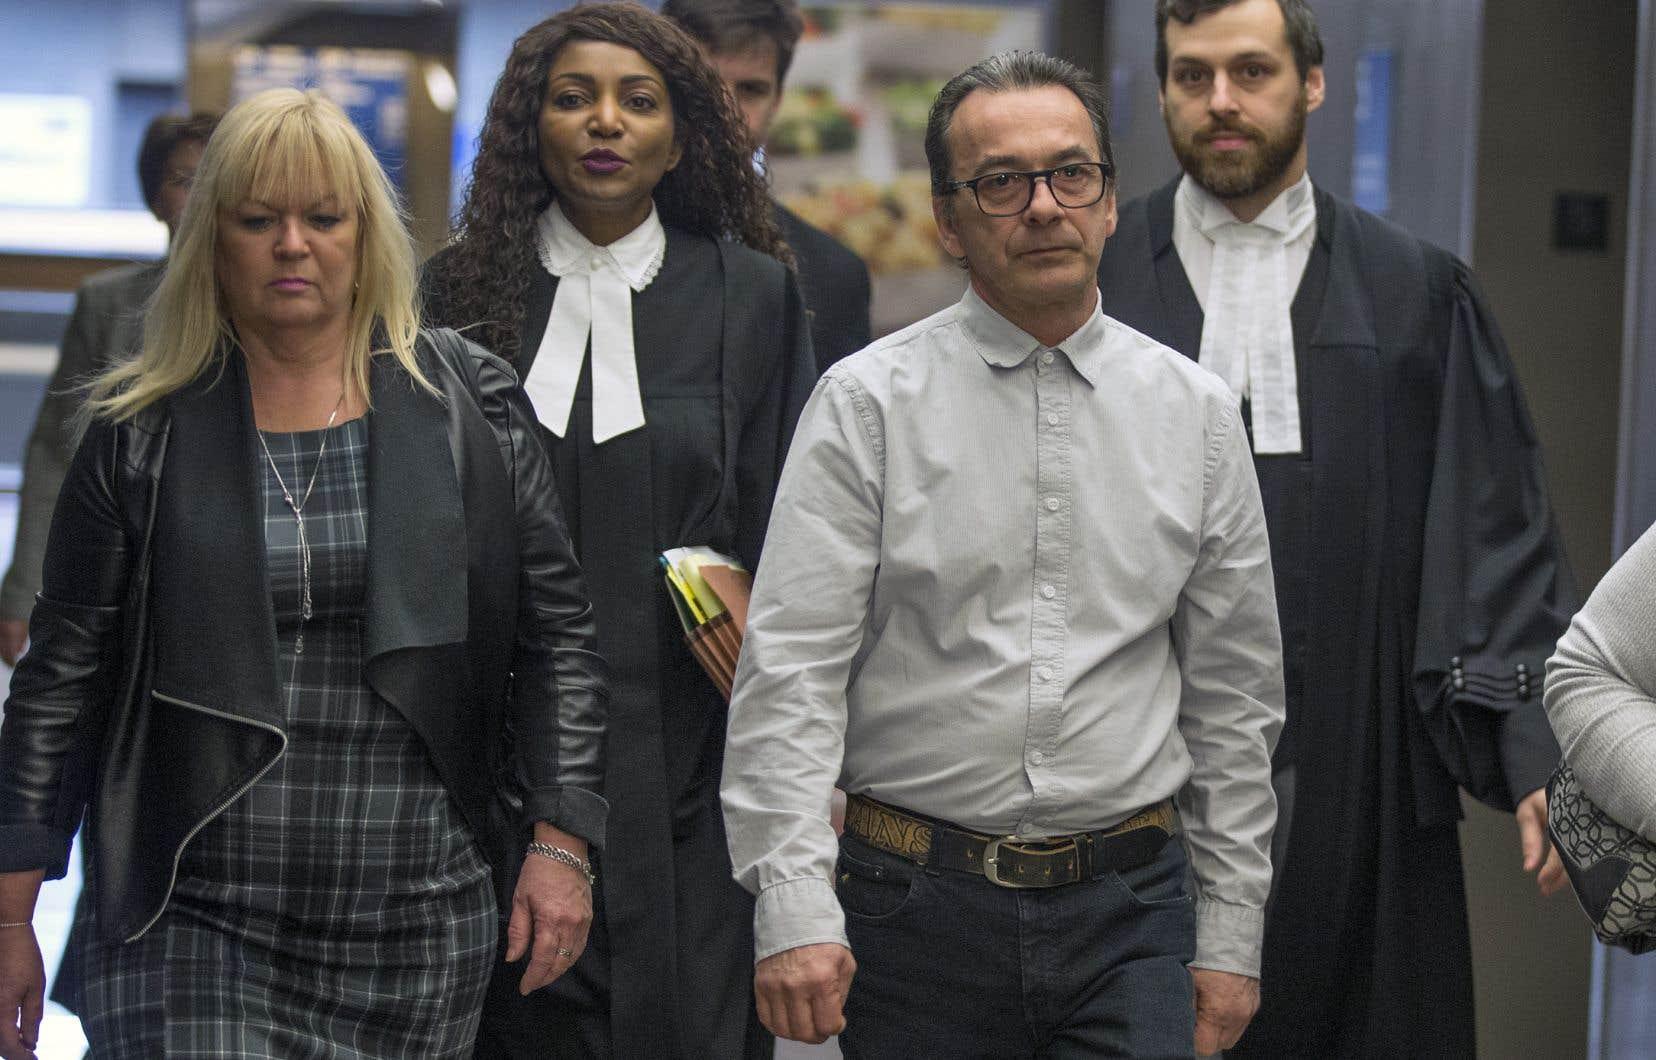 Un jury a déclaré Michel Cadotte coupable de l'homicide involontaire de sa femme le 23 février dernier.